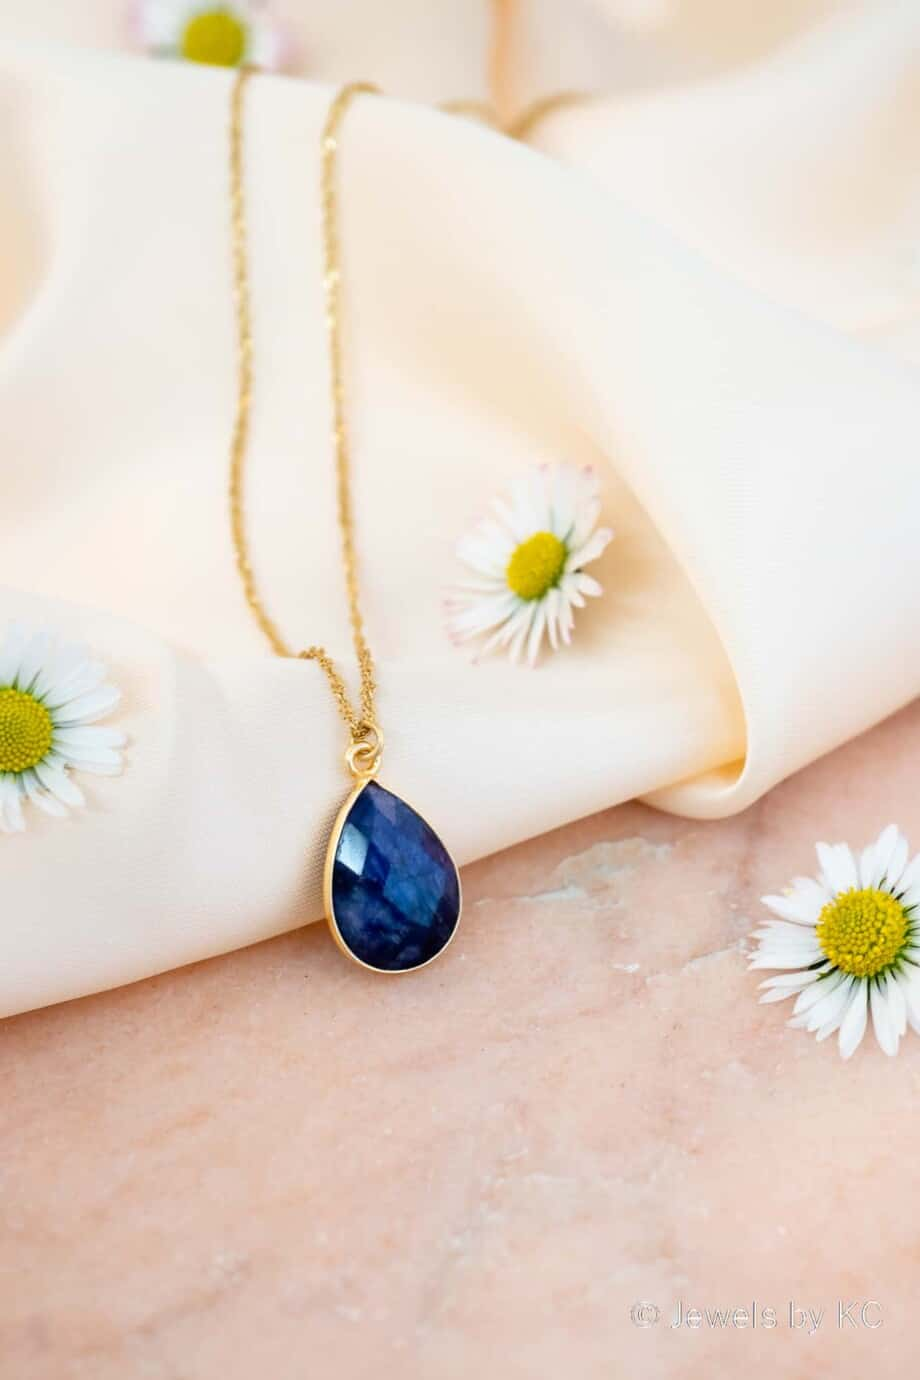 Gouden Ketting met blauwe edelsteen hanger 'Blauwe saffier' van Goud op Zilver. Handgemaakte edelsteen sieraden van Jewels by KC.